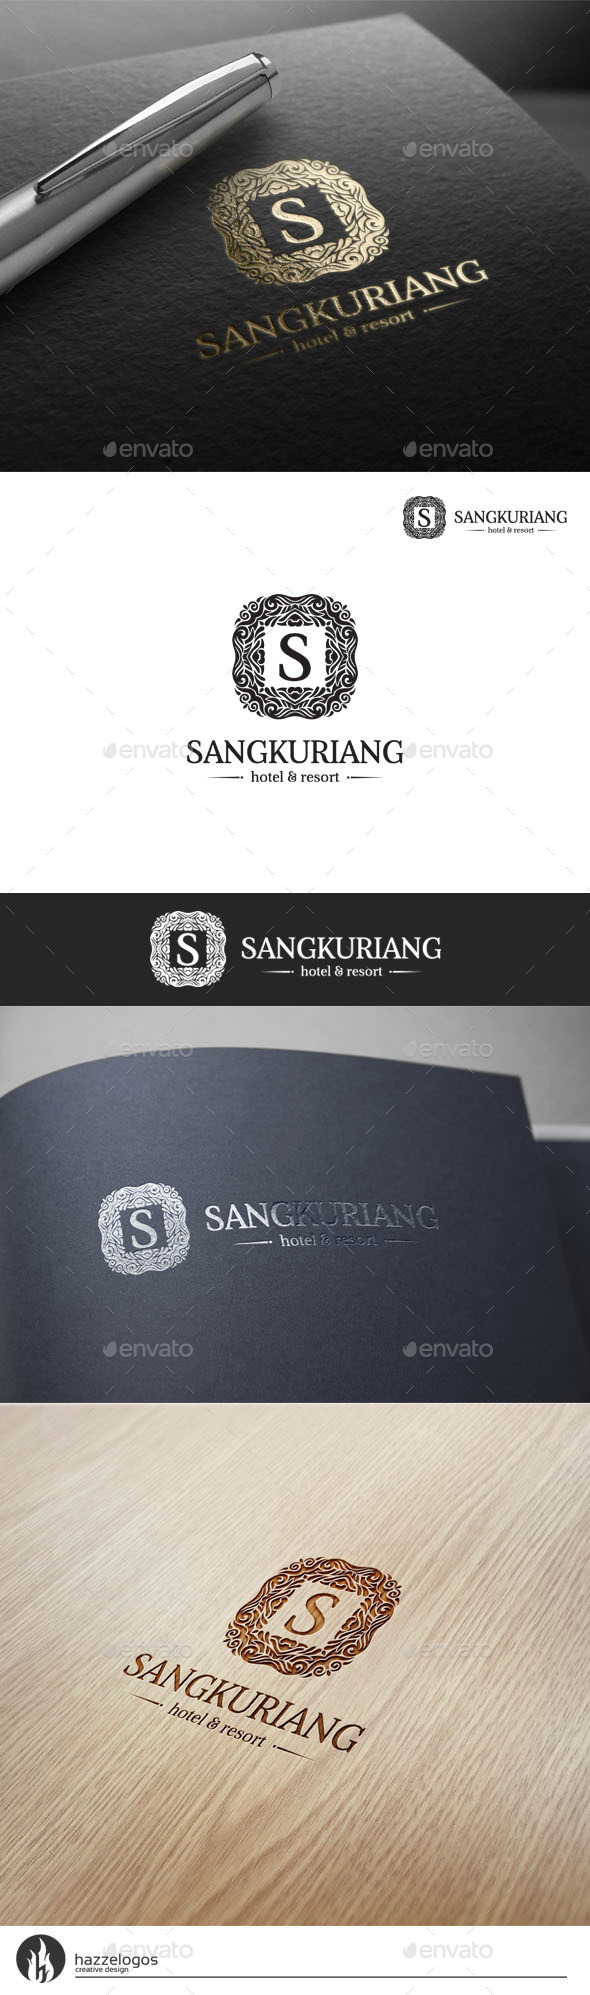 GraphicRiver Sangkuriang Logo 10753757